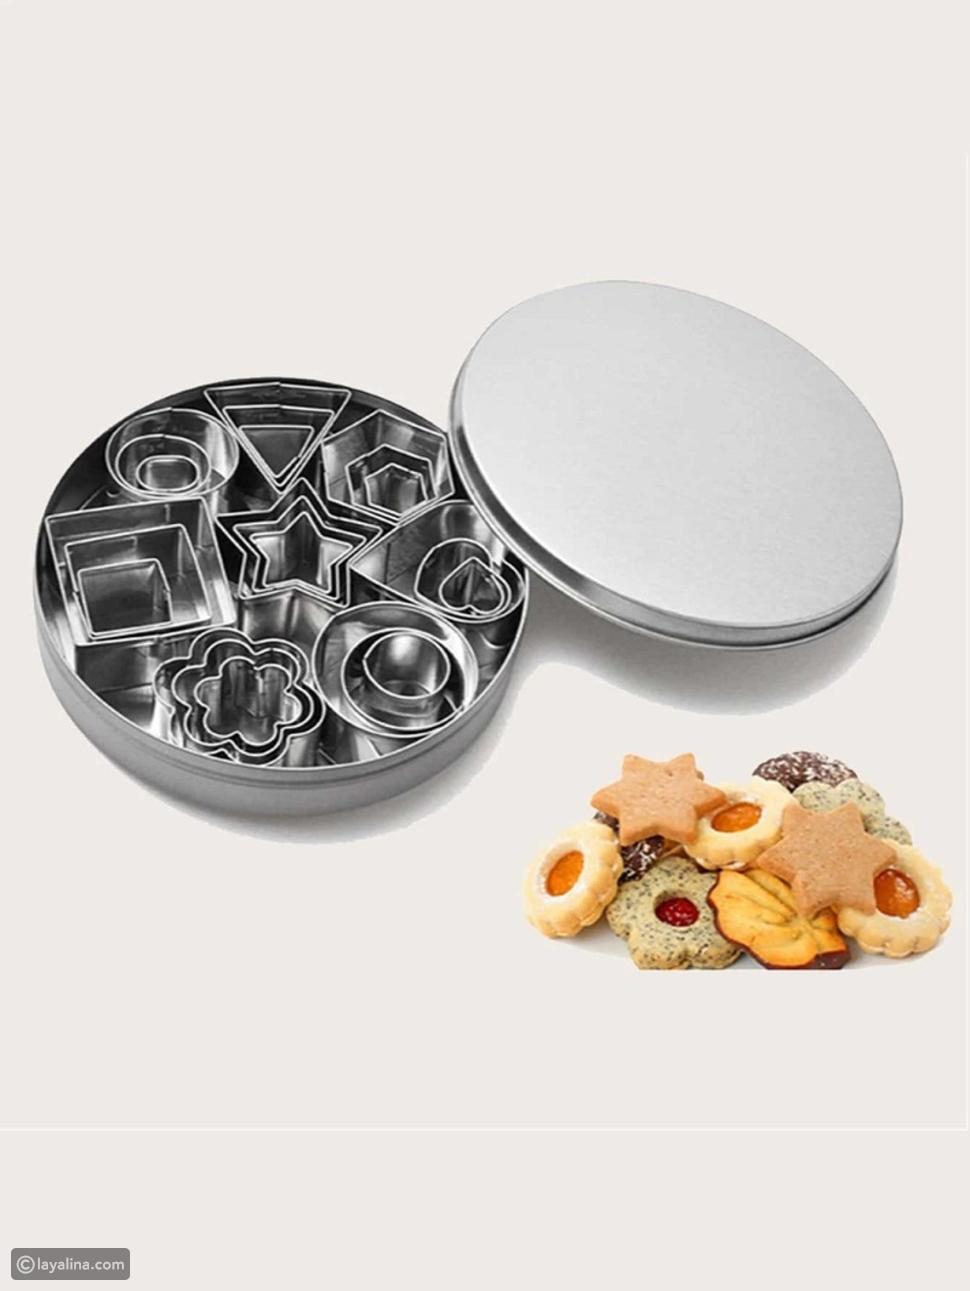 أدوات خبز ستساعدك على تحضير أشهى أنواع المخبوزات: خصم كبير من SHIEN